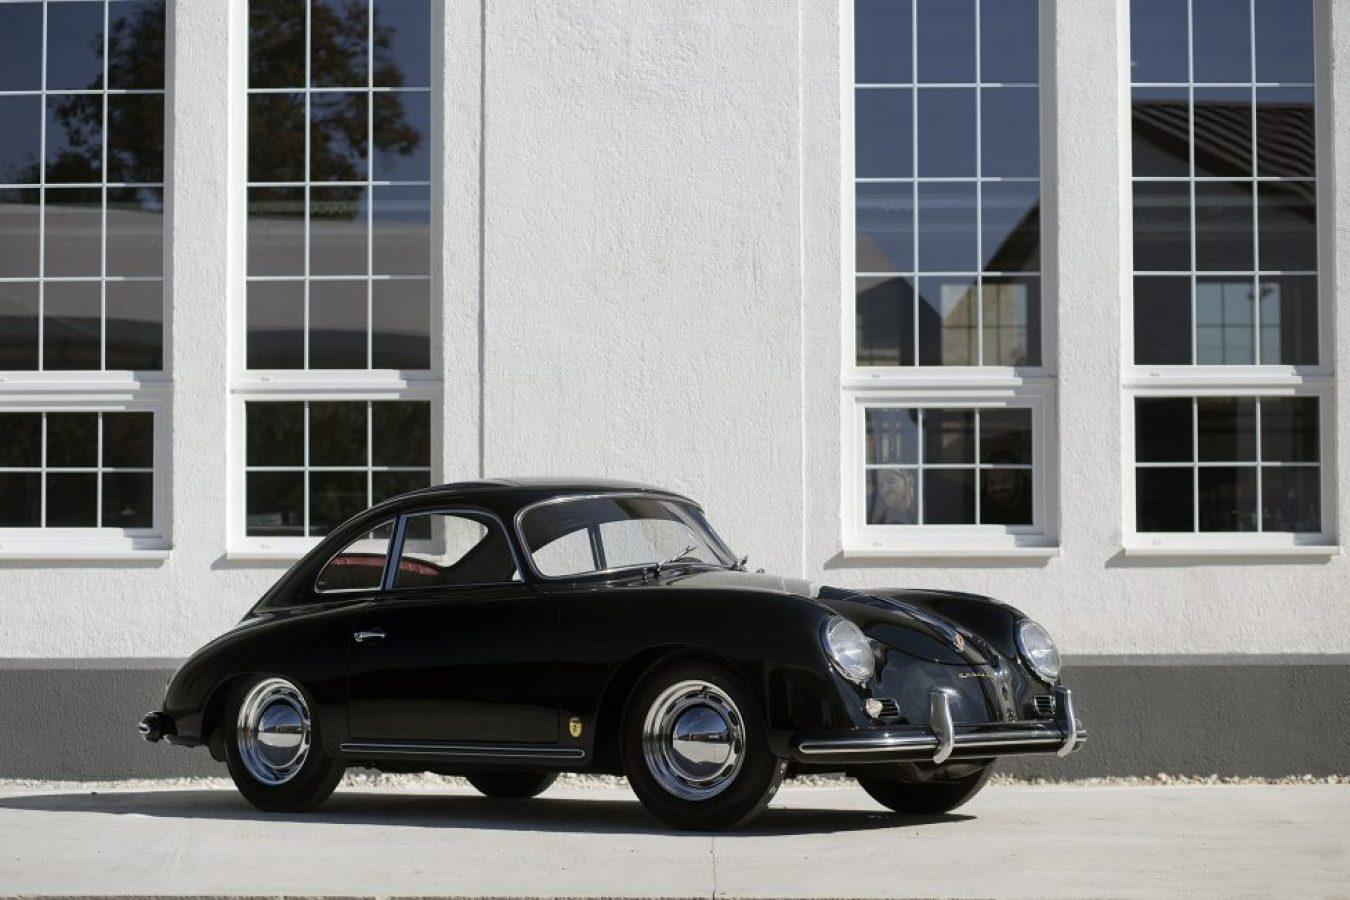 Porsche 356 in schwarz vor Gebäude